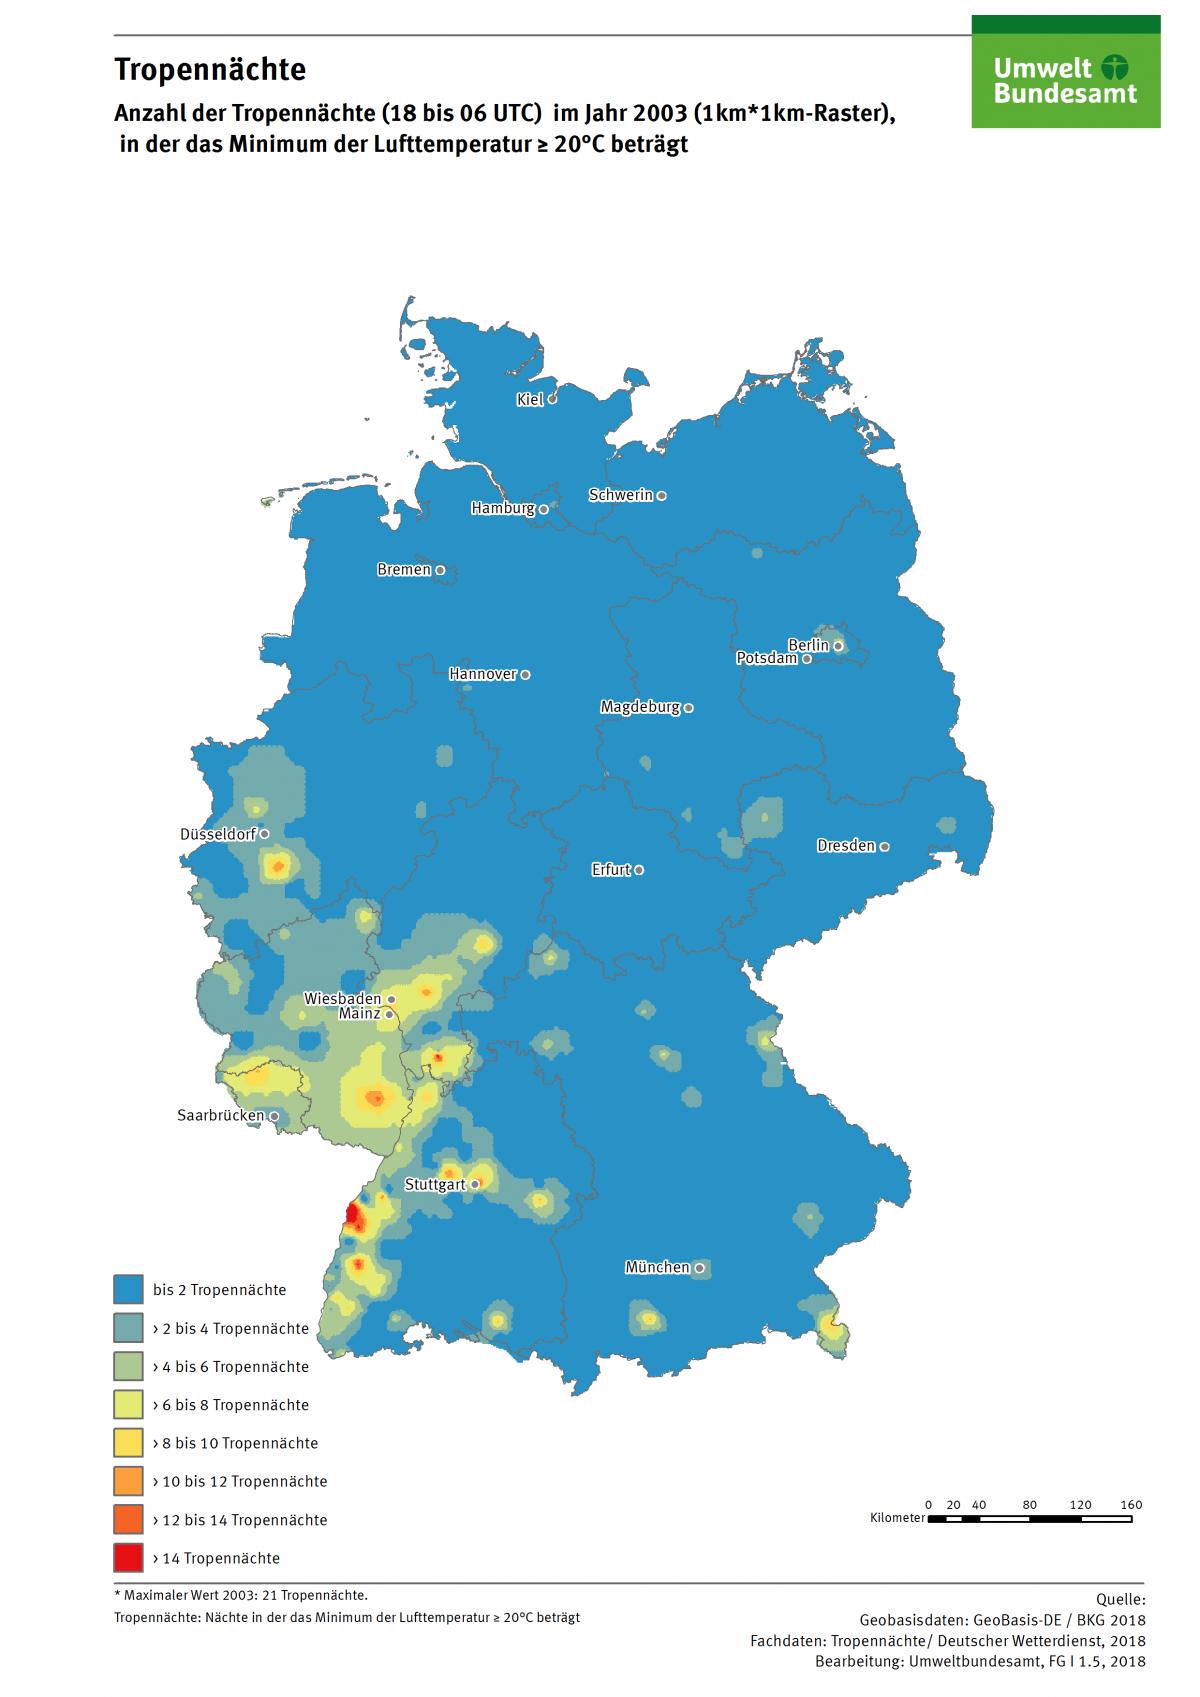 Die Karte zeigt die Anzahl der Tropennächte in Deutschland im Jahr 2003. In diesem Jahr gab es in einzelnen Regionen bis zu 21 Tropennächte.